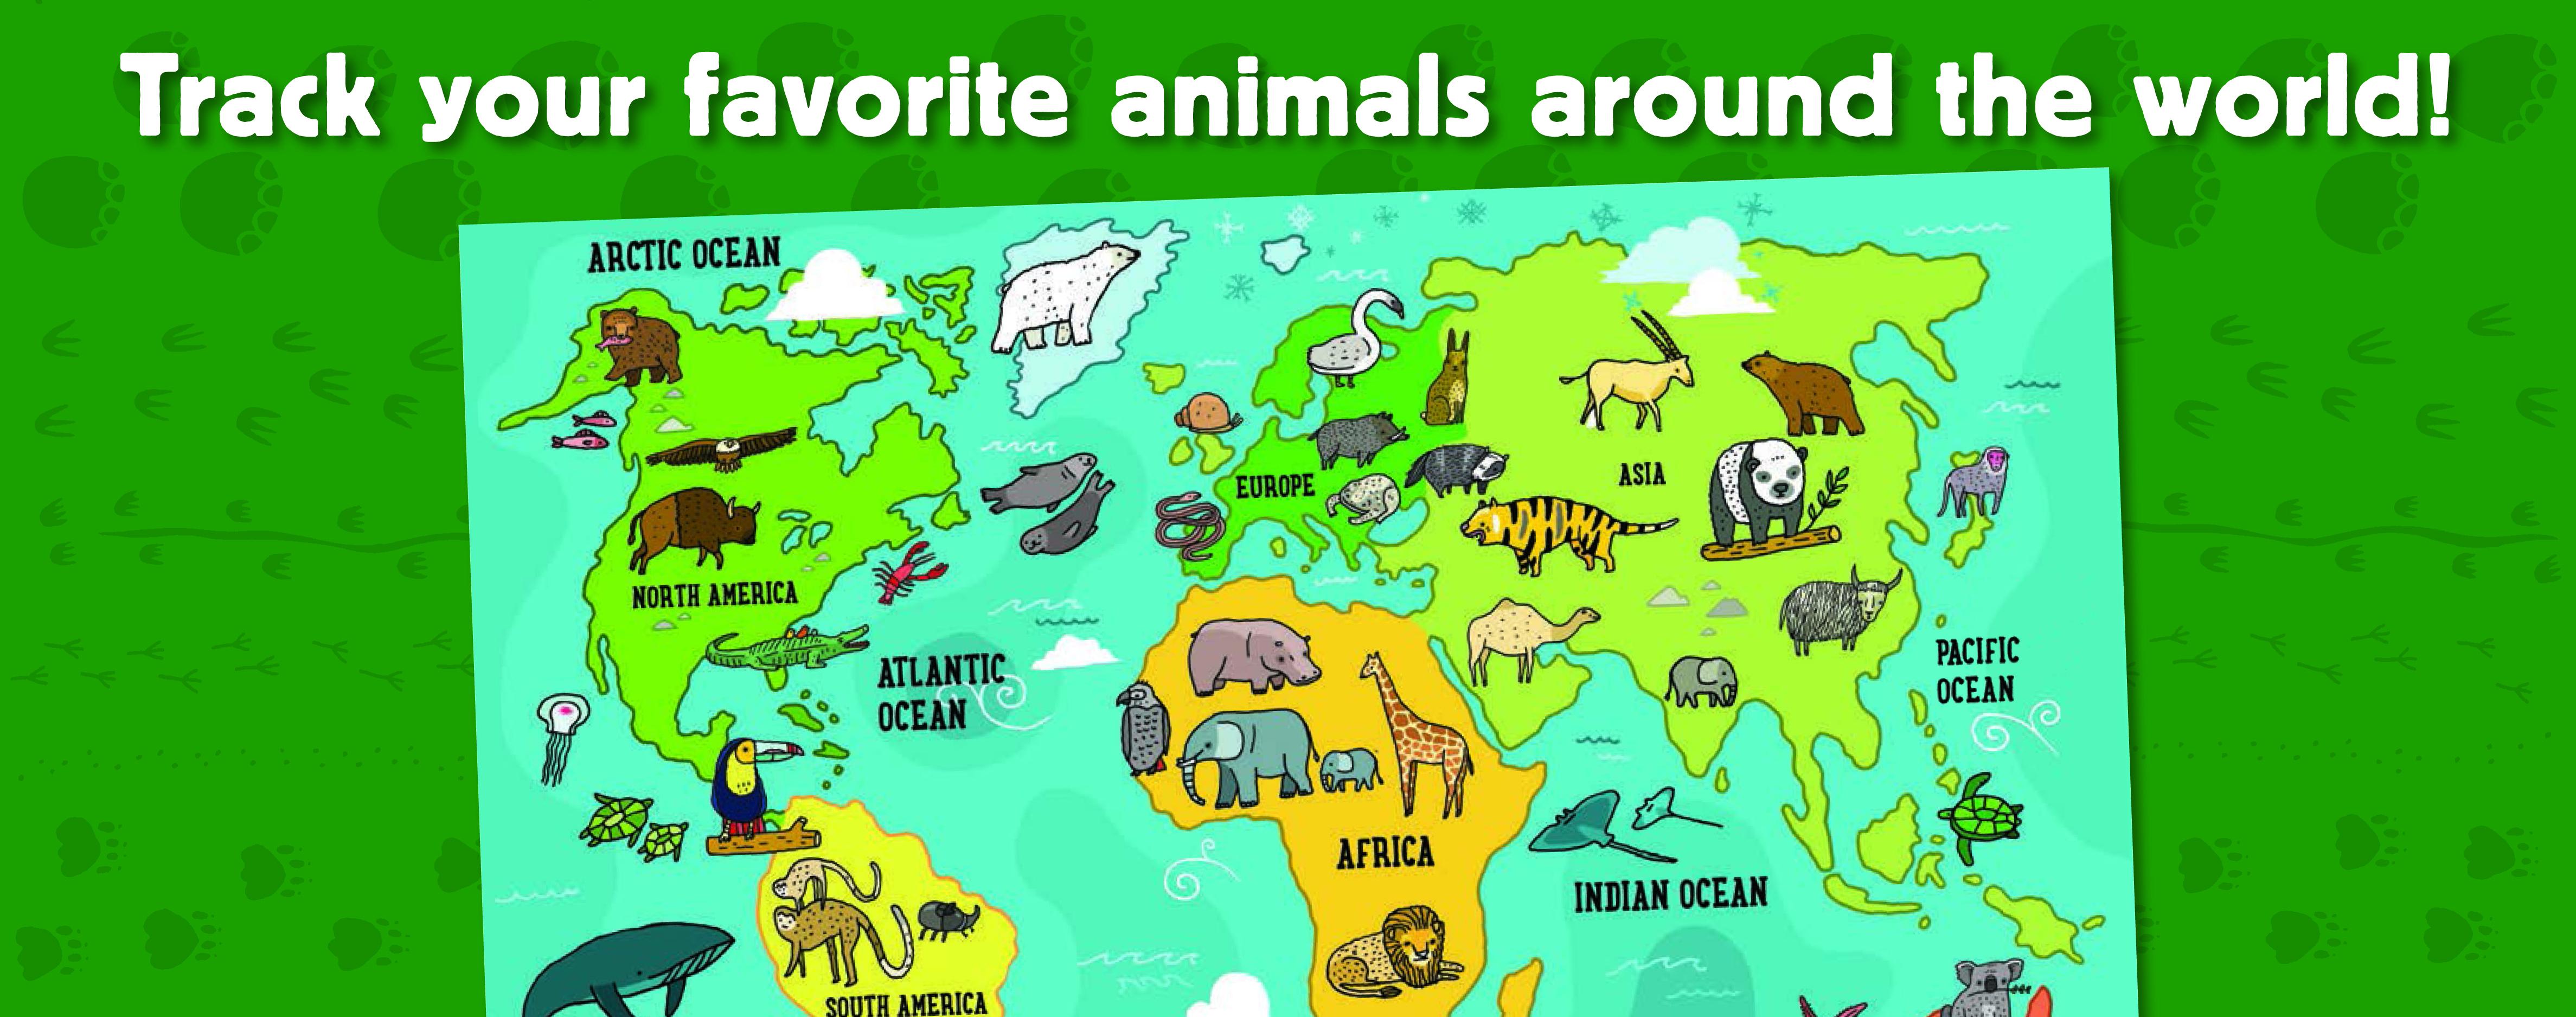 Animal Atlas DK homepage banner.jpg